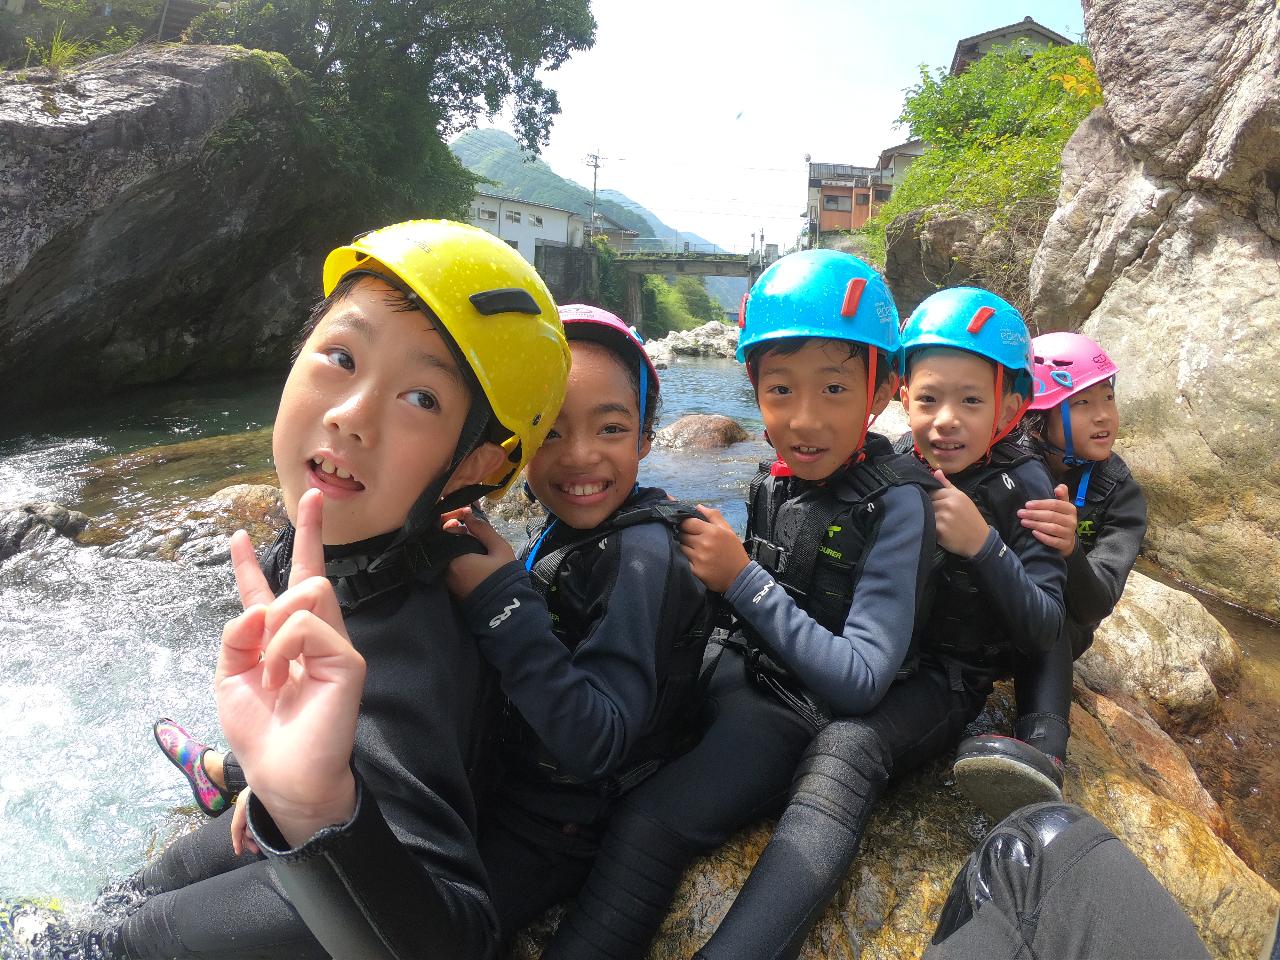 中津渓谷わくわくプライベートキッズキャニオニングツアー